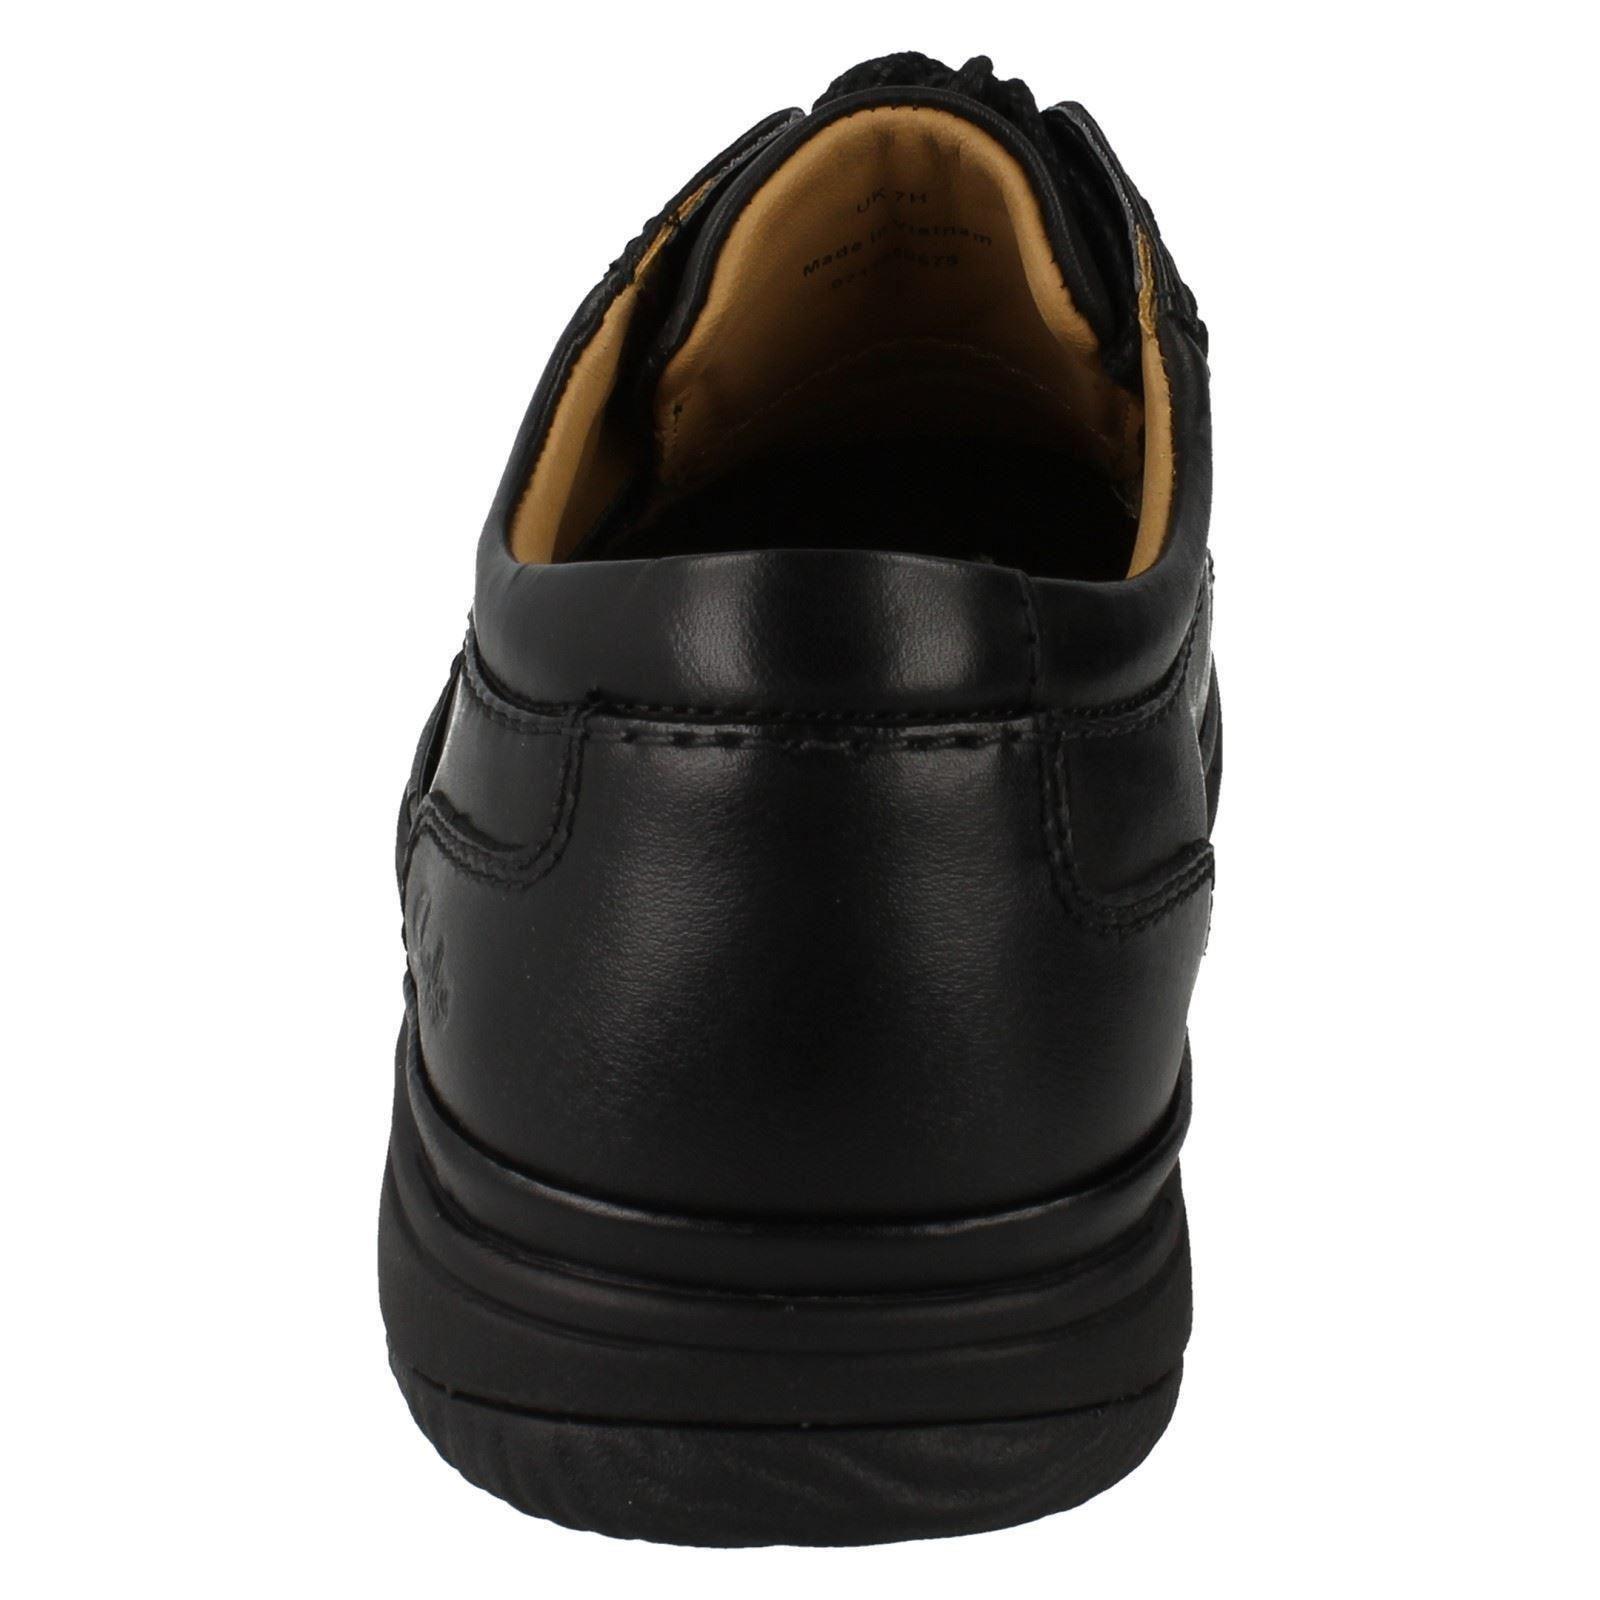 Para Hombre Hombre Hombre Clarks Zapatos Casuales Swift Milla 936608